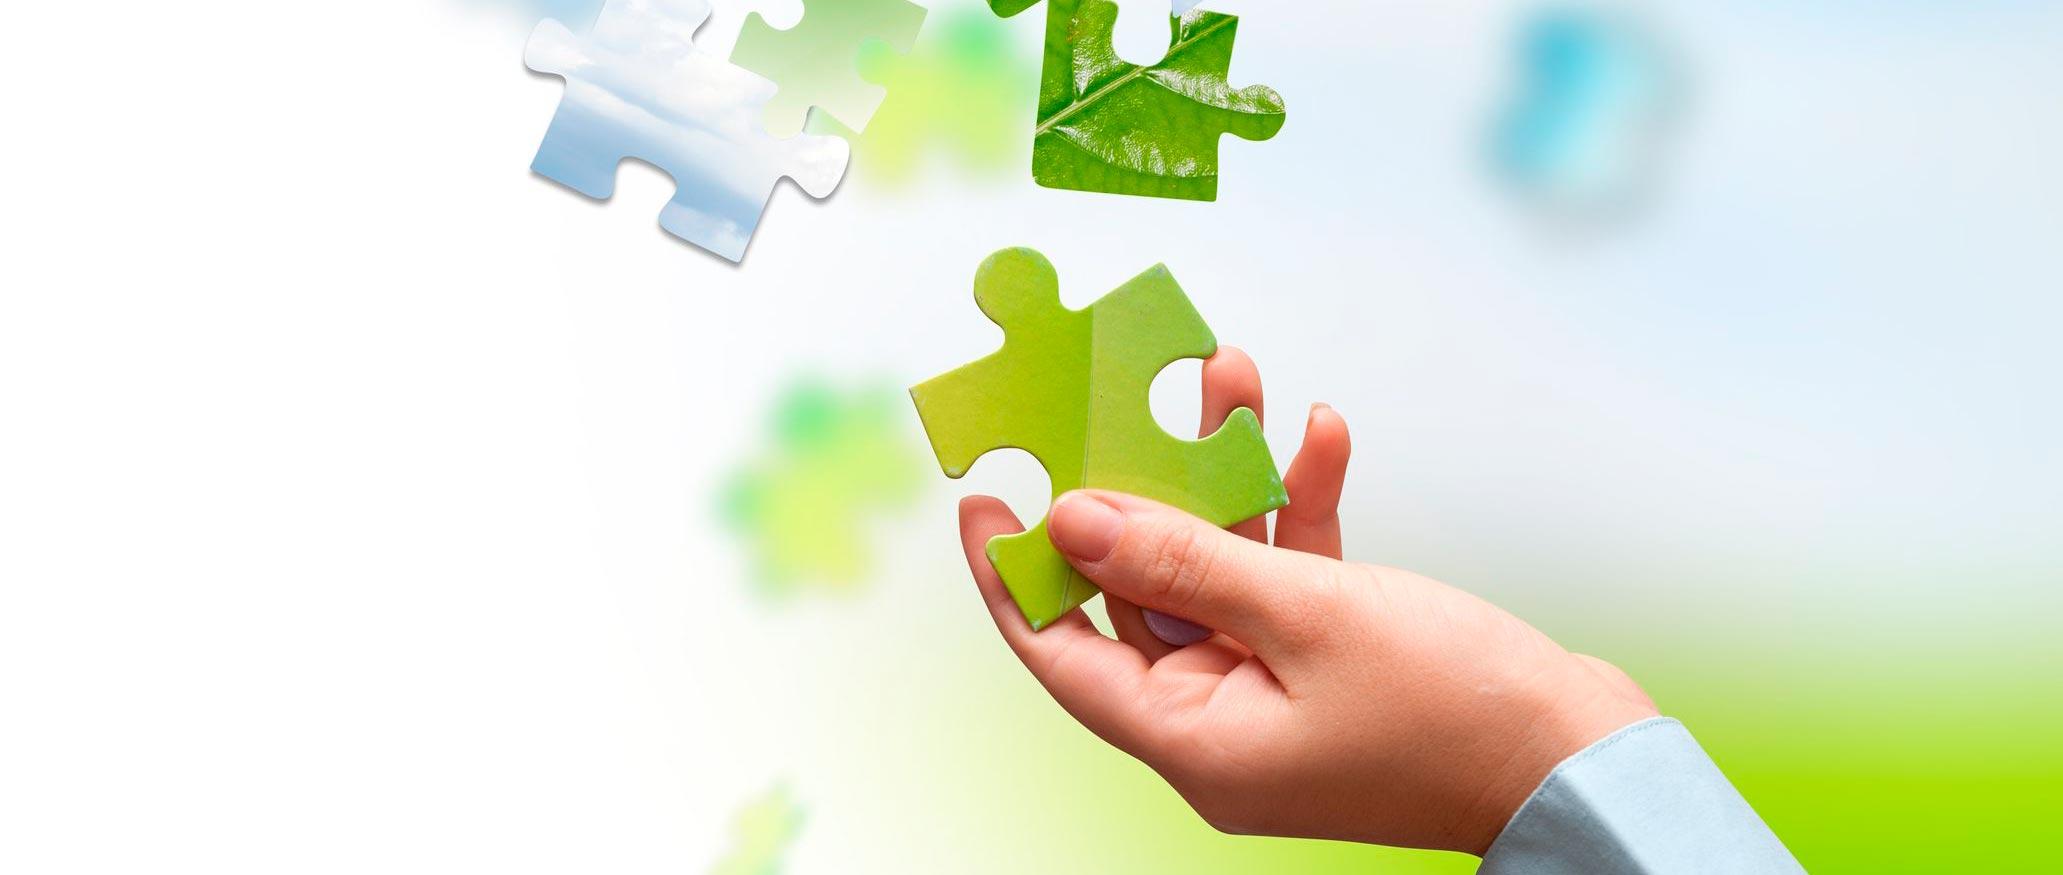 Consultor a de recursos humanos y formaci n para empresas - Eureka soluciones ...